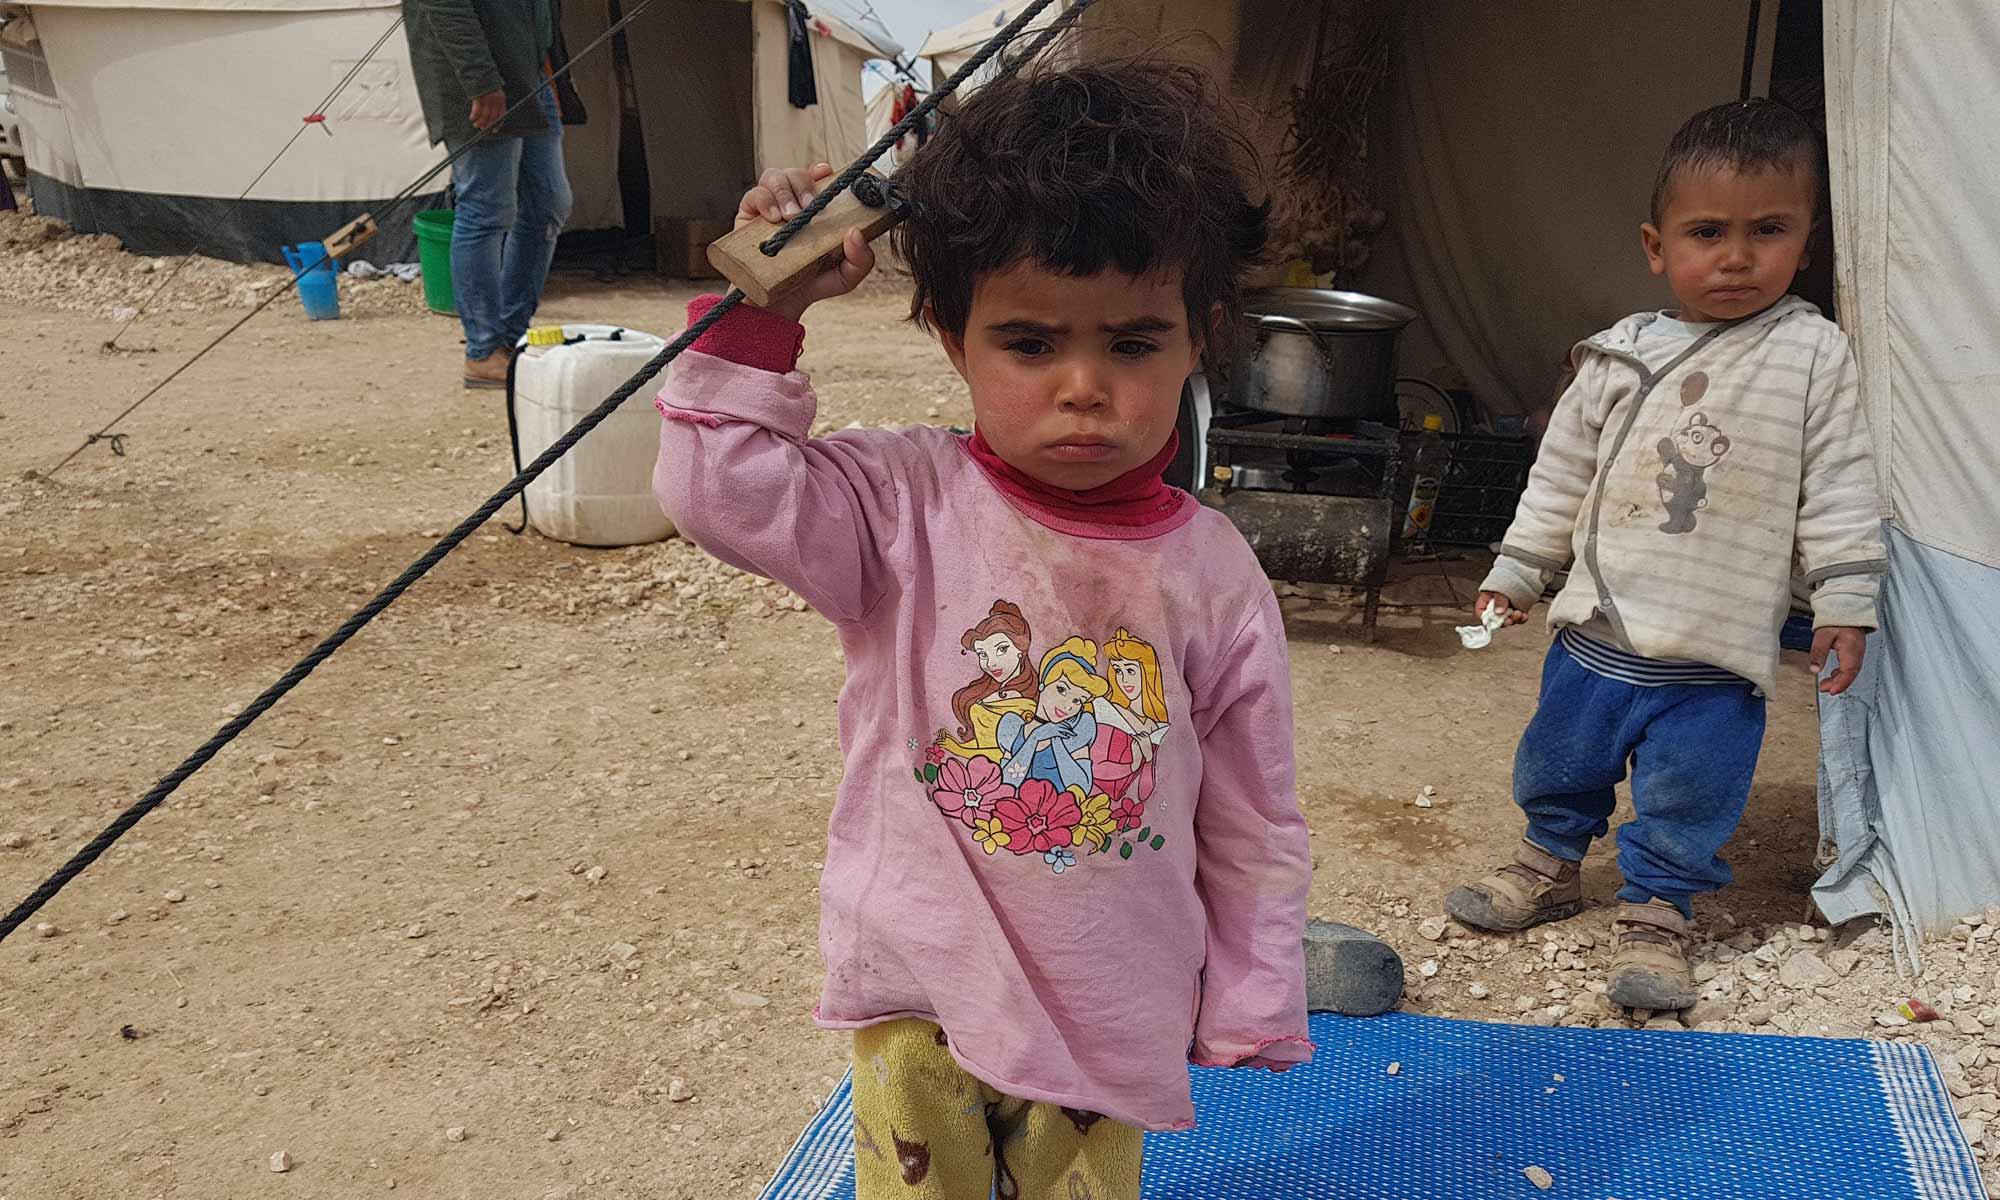 طفلان قرب خيمة في مخيم العريشة بريف الحسكة الجنوبي - 9 آذار 2018 (عنب بلدي)